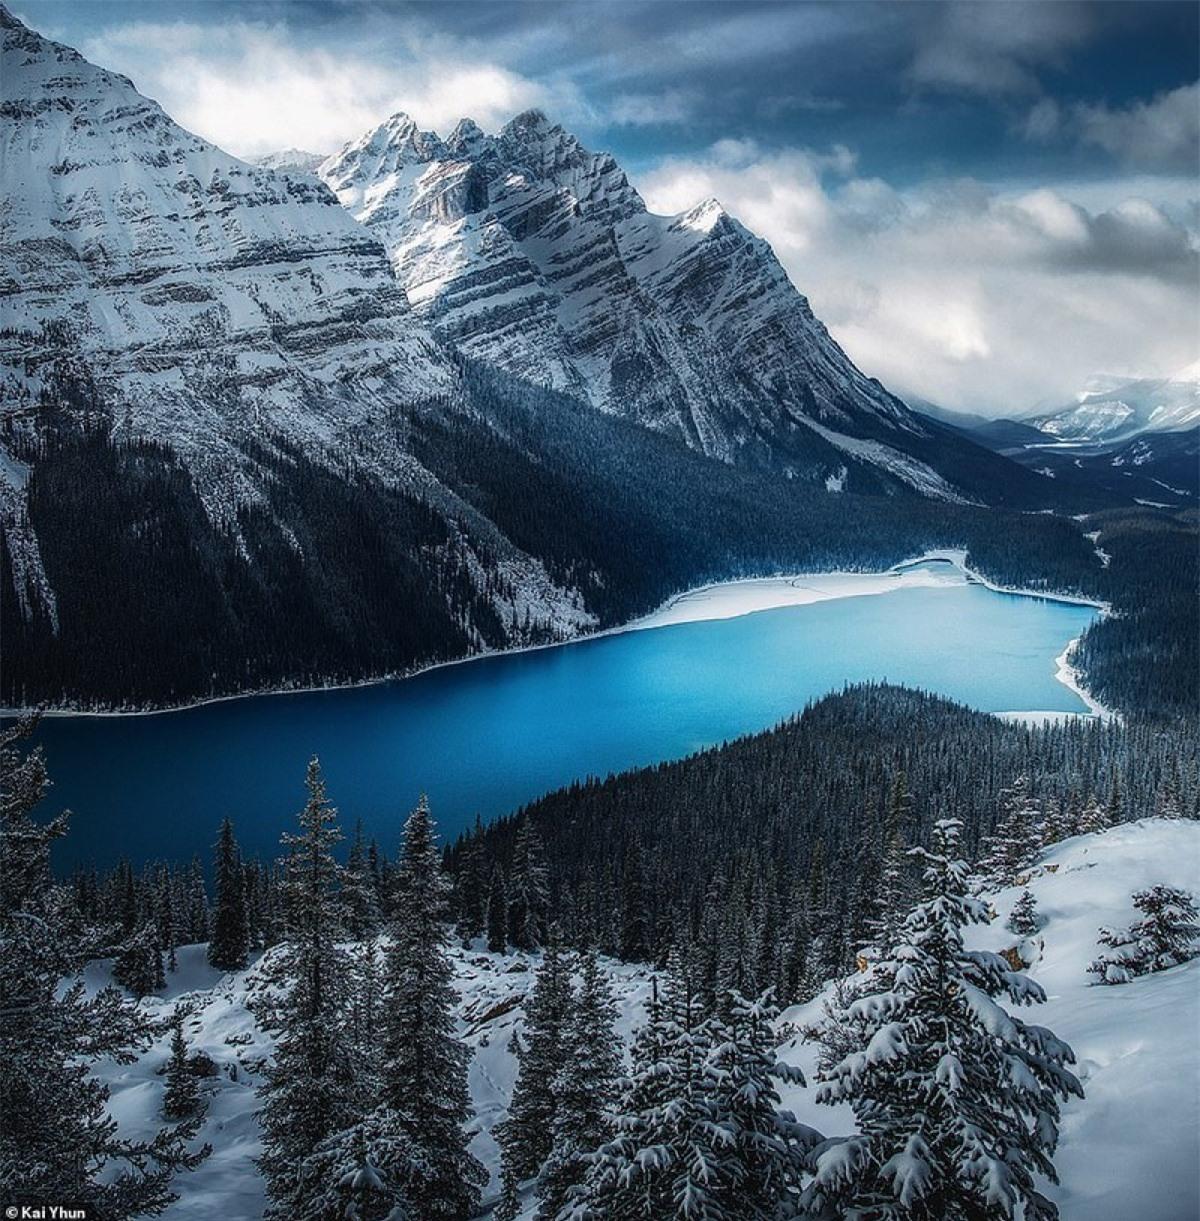 Hồ Peyto: là một trong những hồ ở khu vực Banff gây ấn tượng với khách du lịch bởi màu nước xanh biếc của mình. Với độ cao 1.860 m, được nuôi dưỡng bởi nước sông băng ở Peyto Glacier, hồ Peyto nổi tiếng mang màu sắc tươi sáng vào mùa hè, luôn giữ trong mình vẻ đẹp tuyệt mĩ nhờ bột đá. Được đặt theo tên của Bill Peyto-một người hướng dẫn đường mòn nổi tiếng ở khu vực Banff, Hồ Peyto giống như một dải băng vắt qua nhưng ngọn núi tạo nên một vẻ đẹp hùng vĩ.